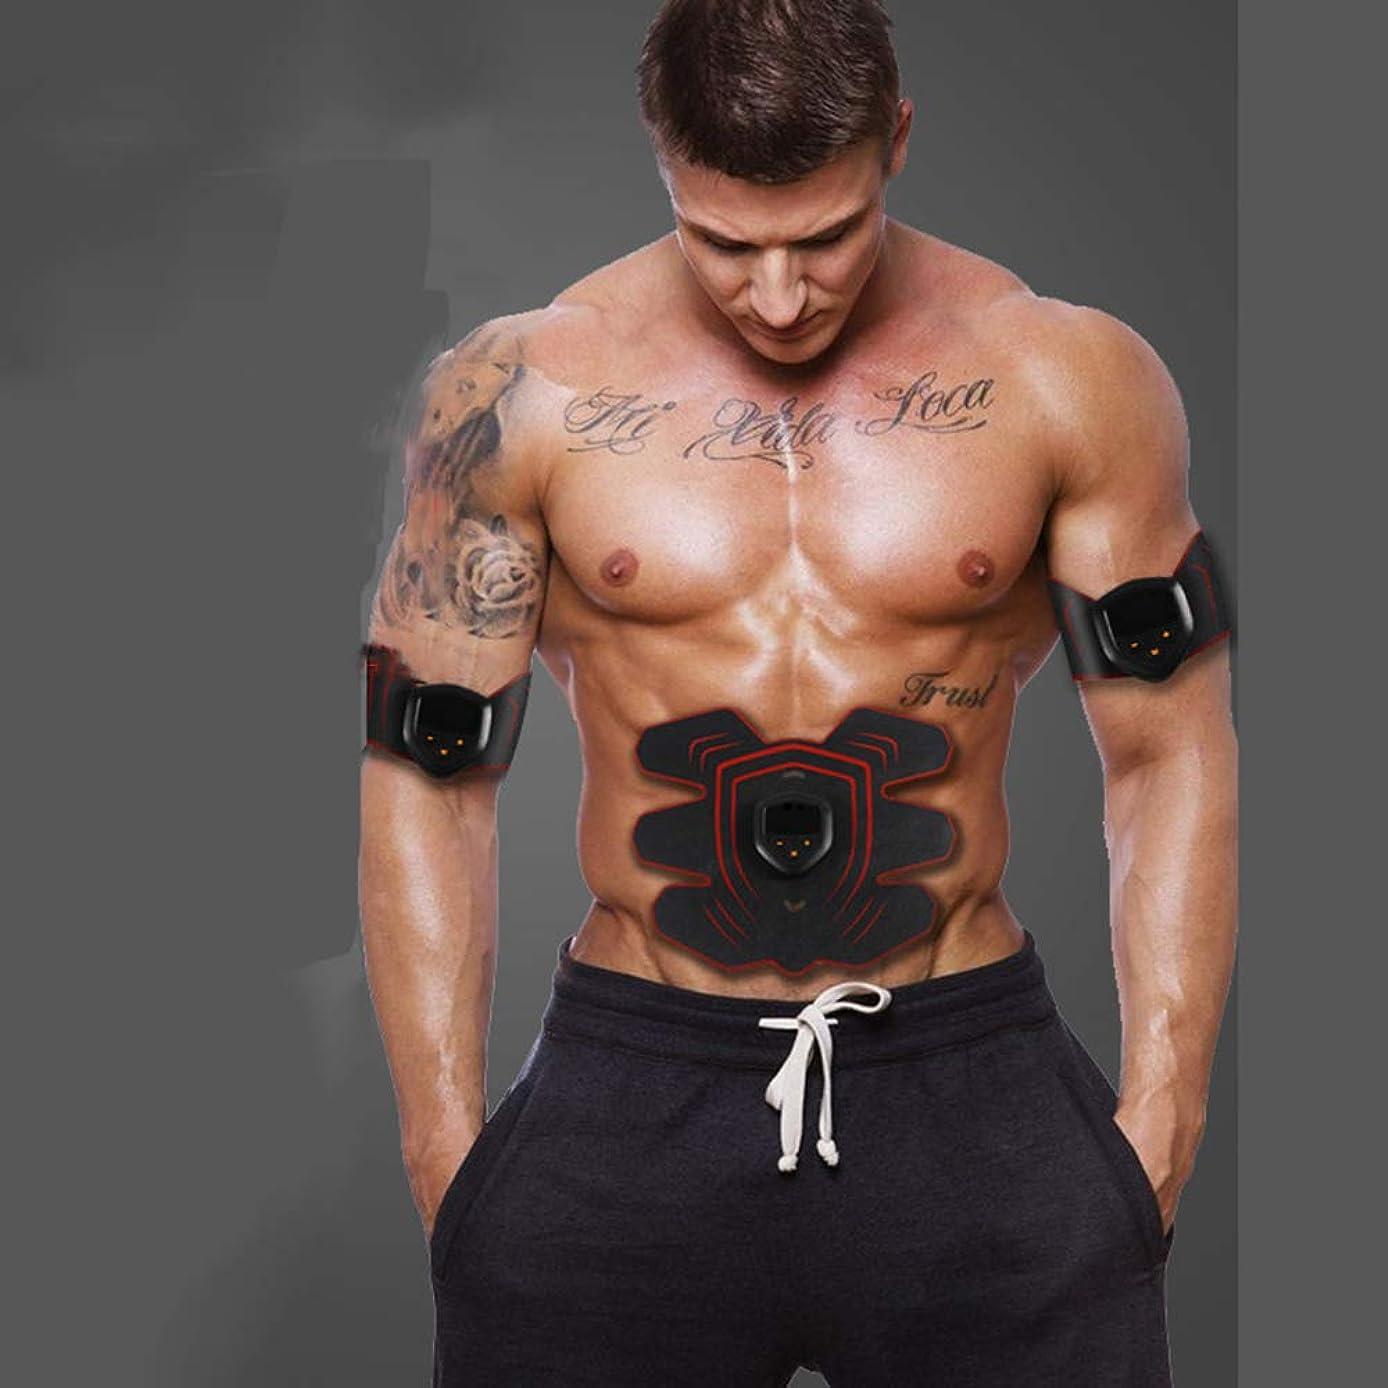 評議会二ウミウシUSB電気腹部装置EMS筋肉刺激装置ボディフィットネスマッサージ装置腹筋運動スポーツフィットネス機器ユニセックス